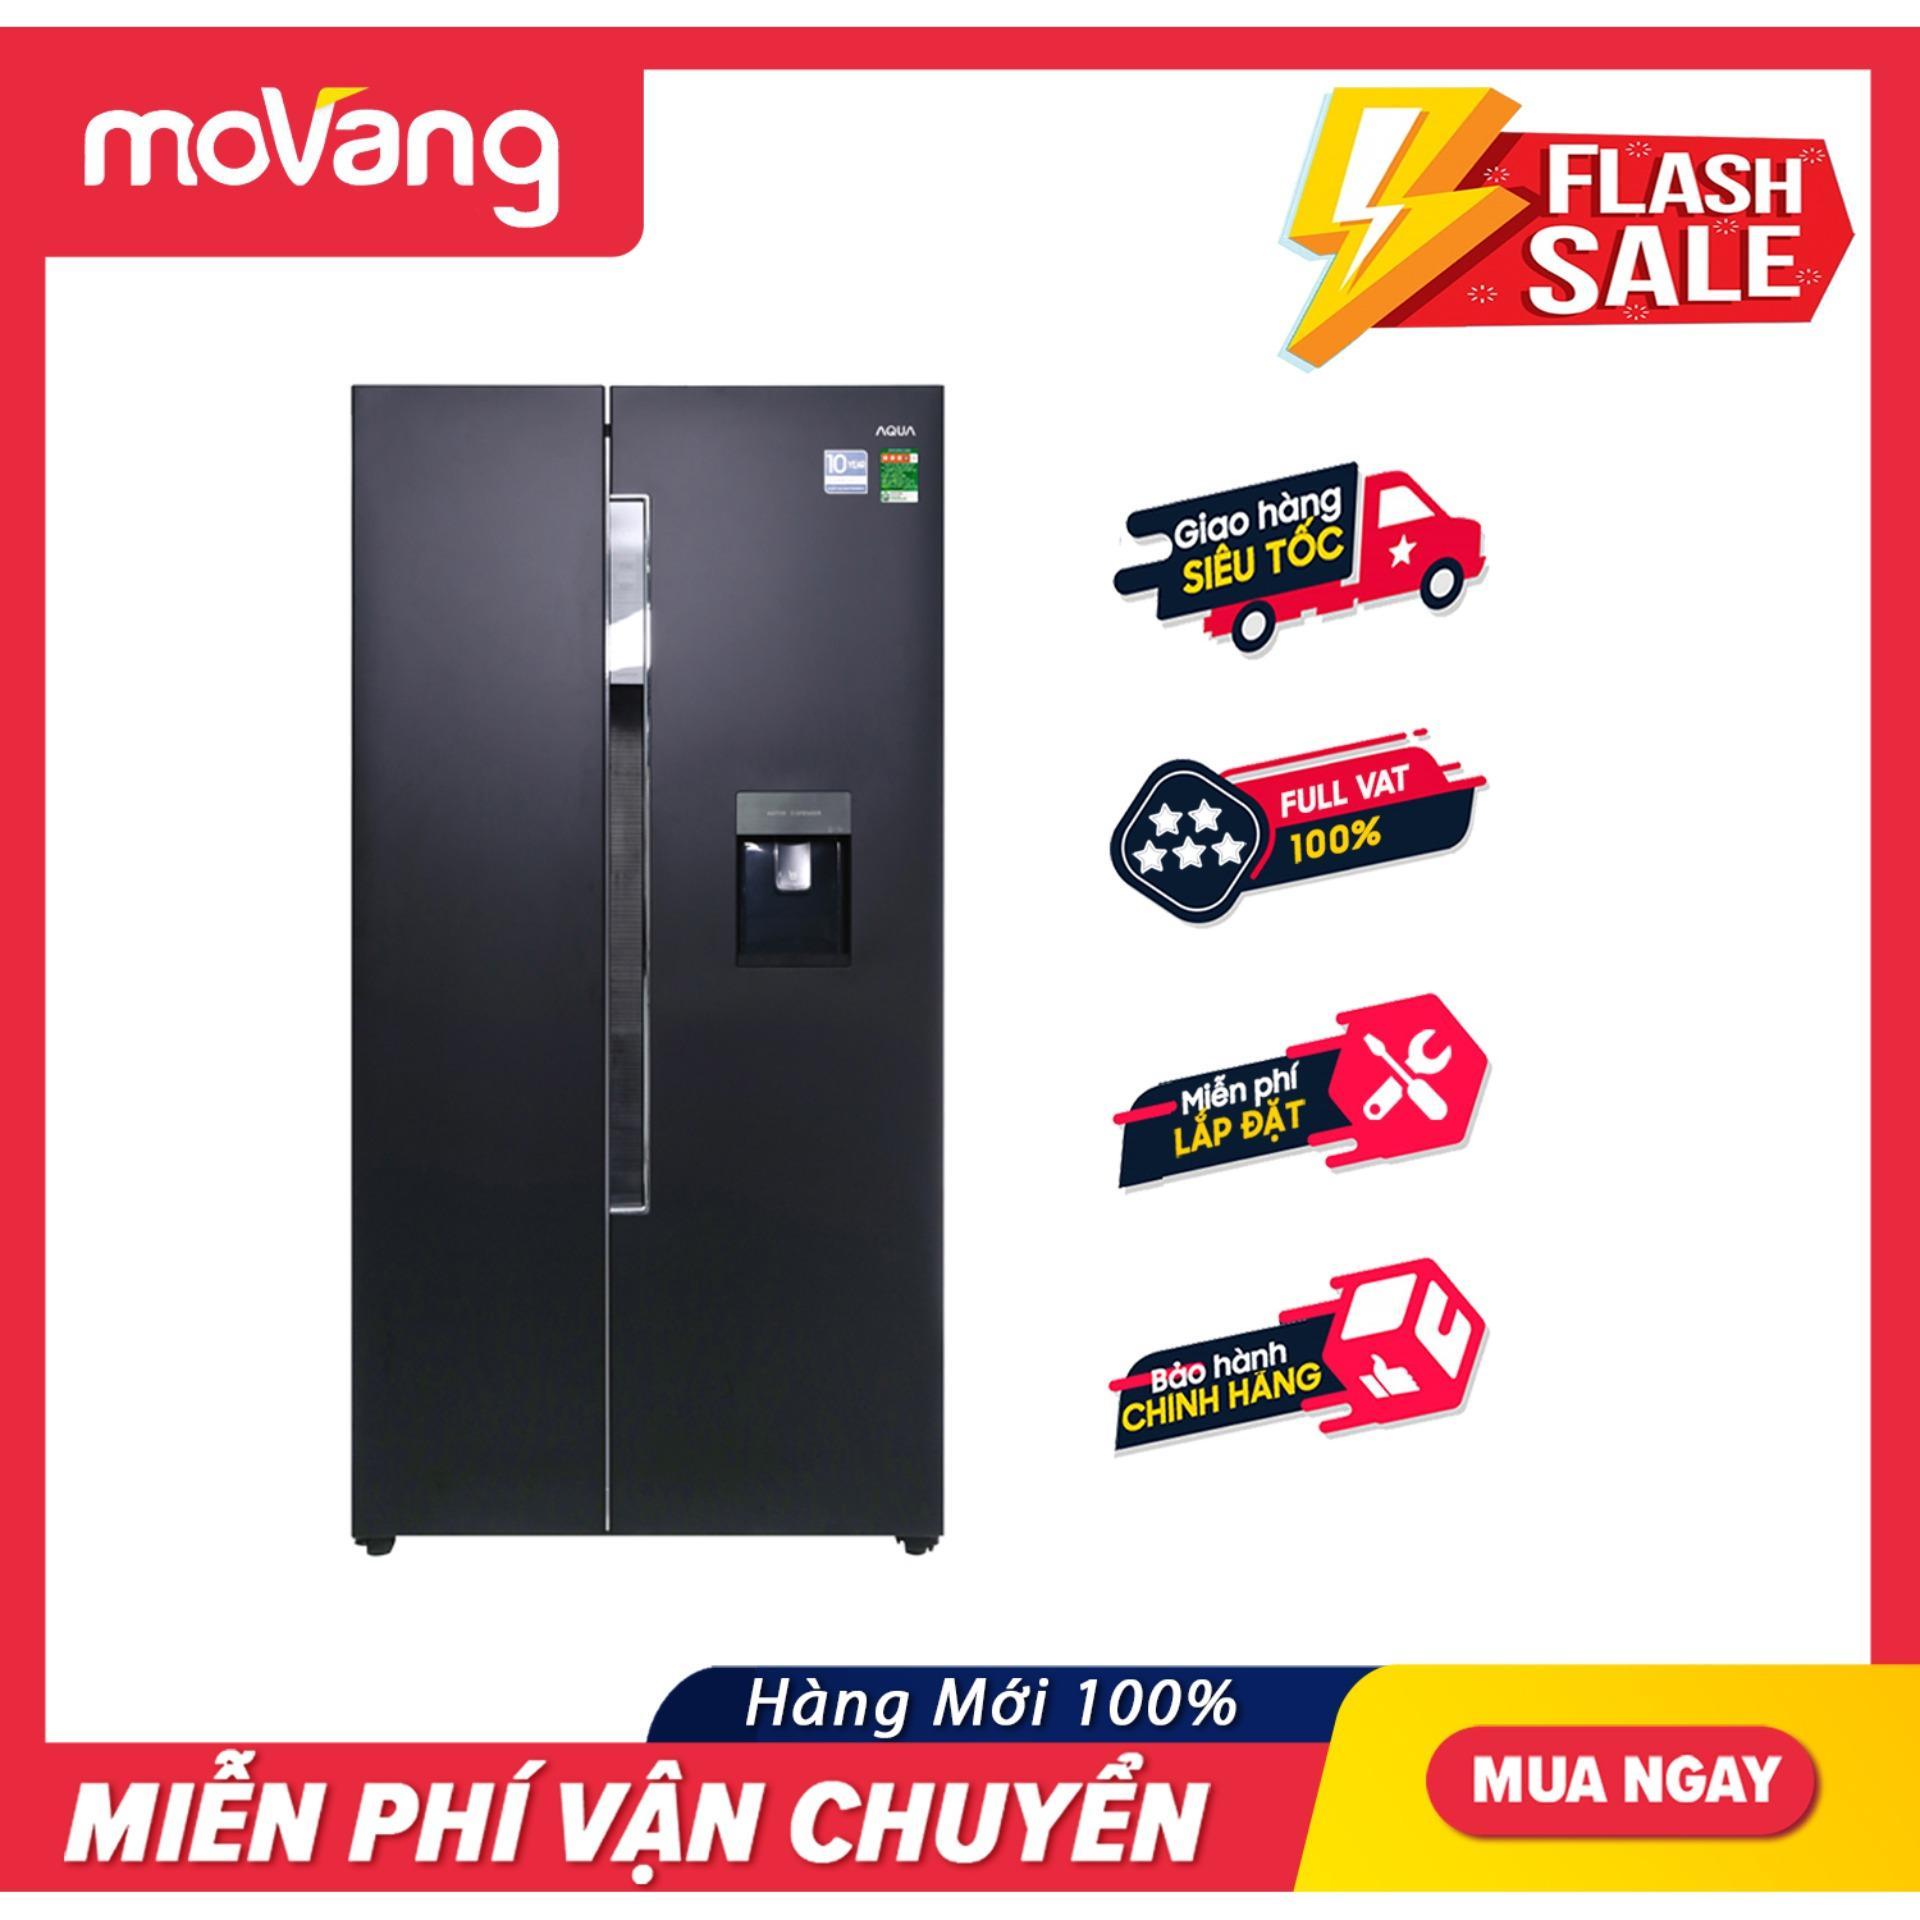 Tủ lạnh Side by Side 2 cửa Aqua Inverter 557L AQR-I565AS tiết kiệm điện, vận hành êm, hệ thống lấy nước bên ngoài tiện lợi